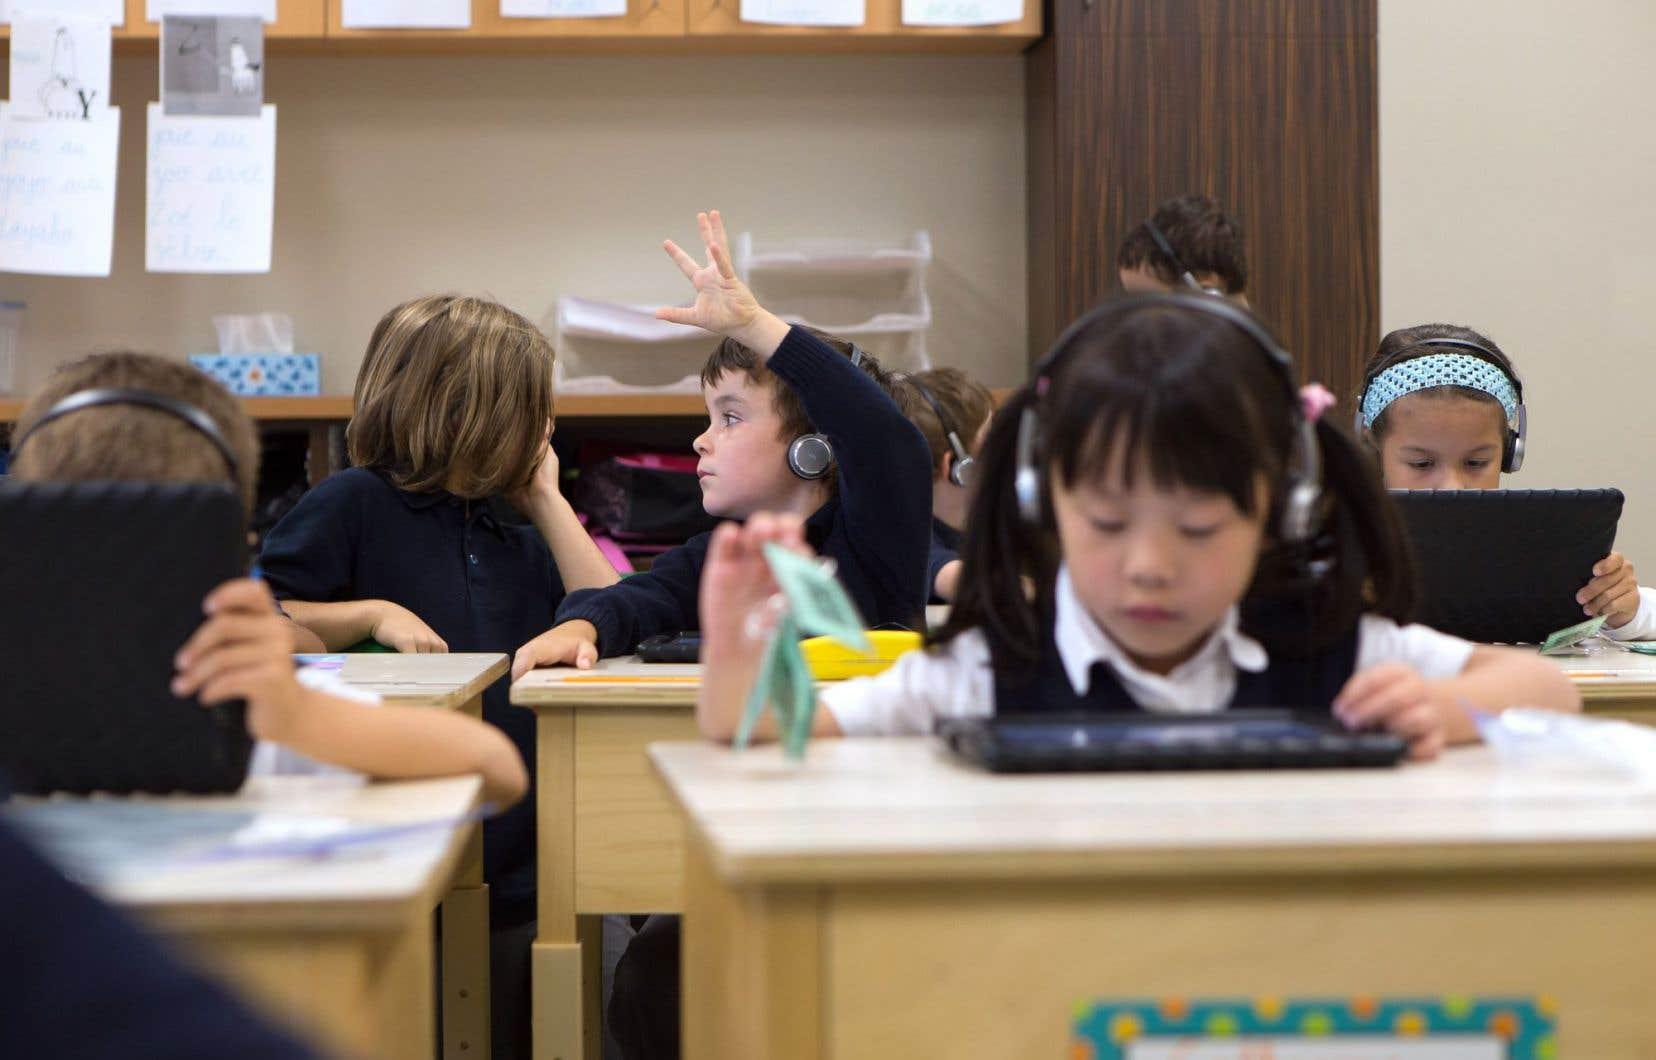 Au-delà des résultats scolaires, le dossier de l'élève envisagé par le ministre de l'Éducation pourrait documenter des troubles d'apprentissage, des défis de motricité et des défis langagiers.